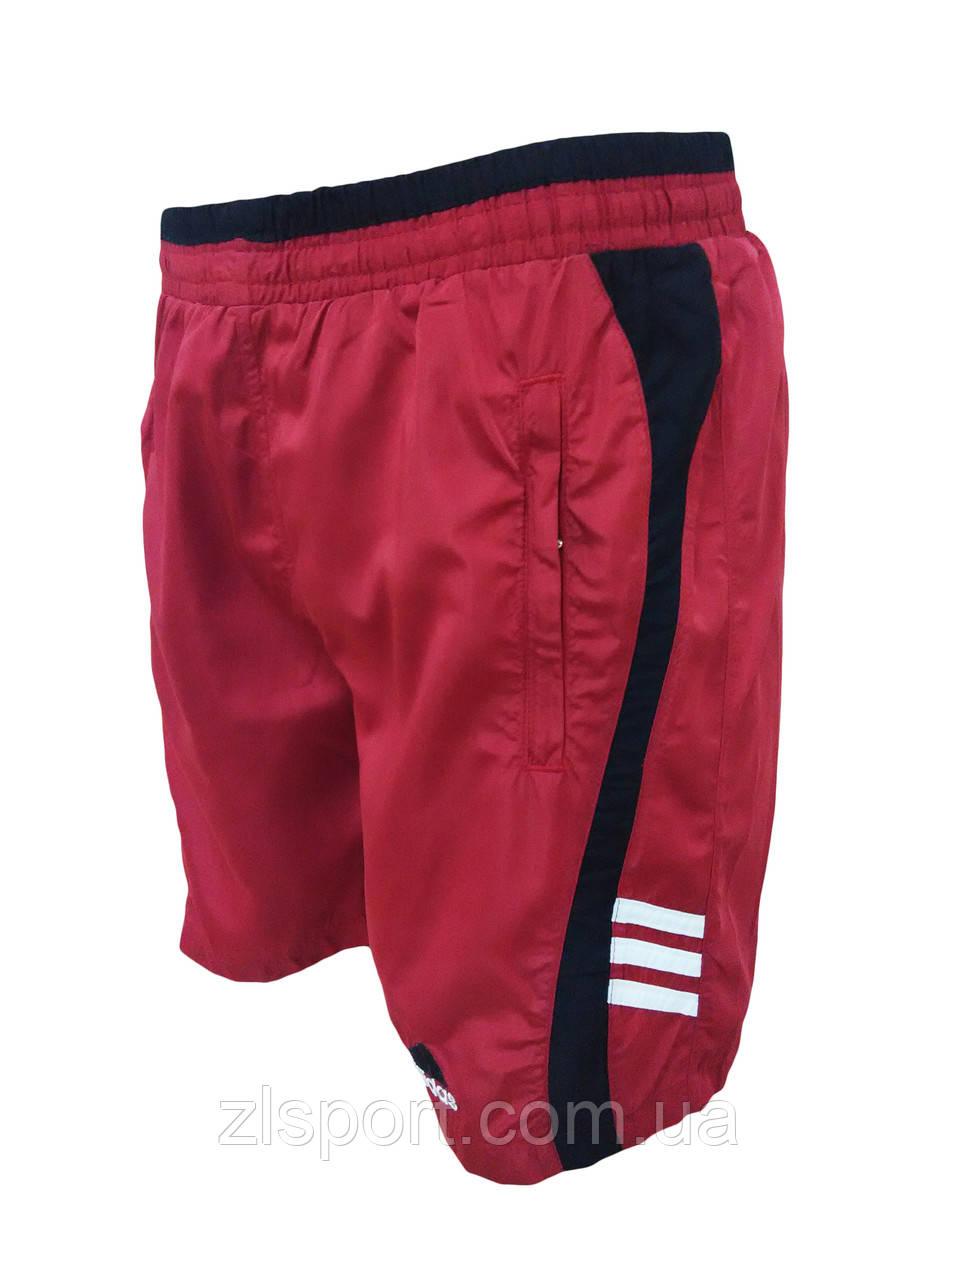 Магазин Спортивной Одежды Купить